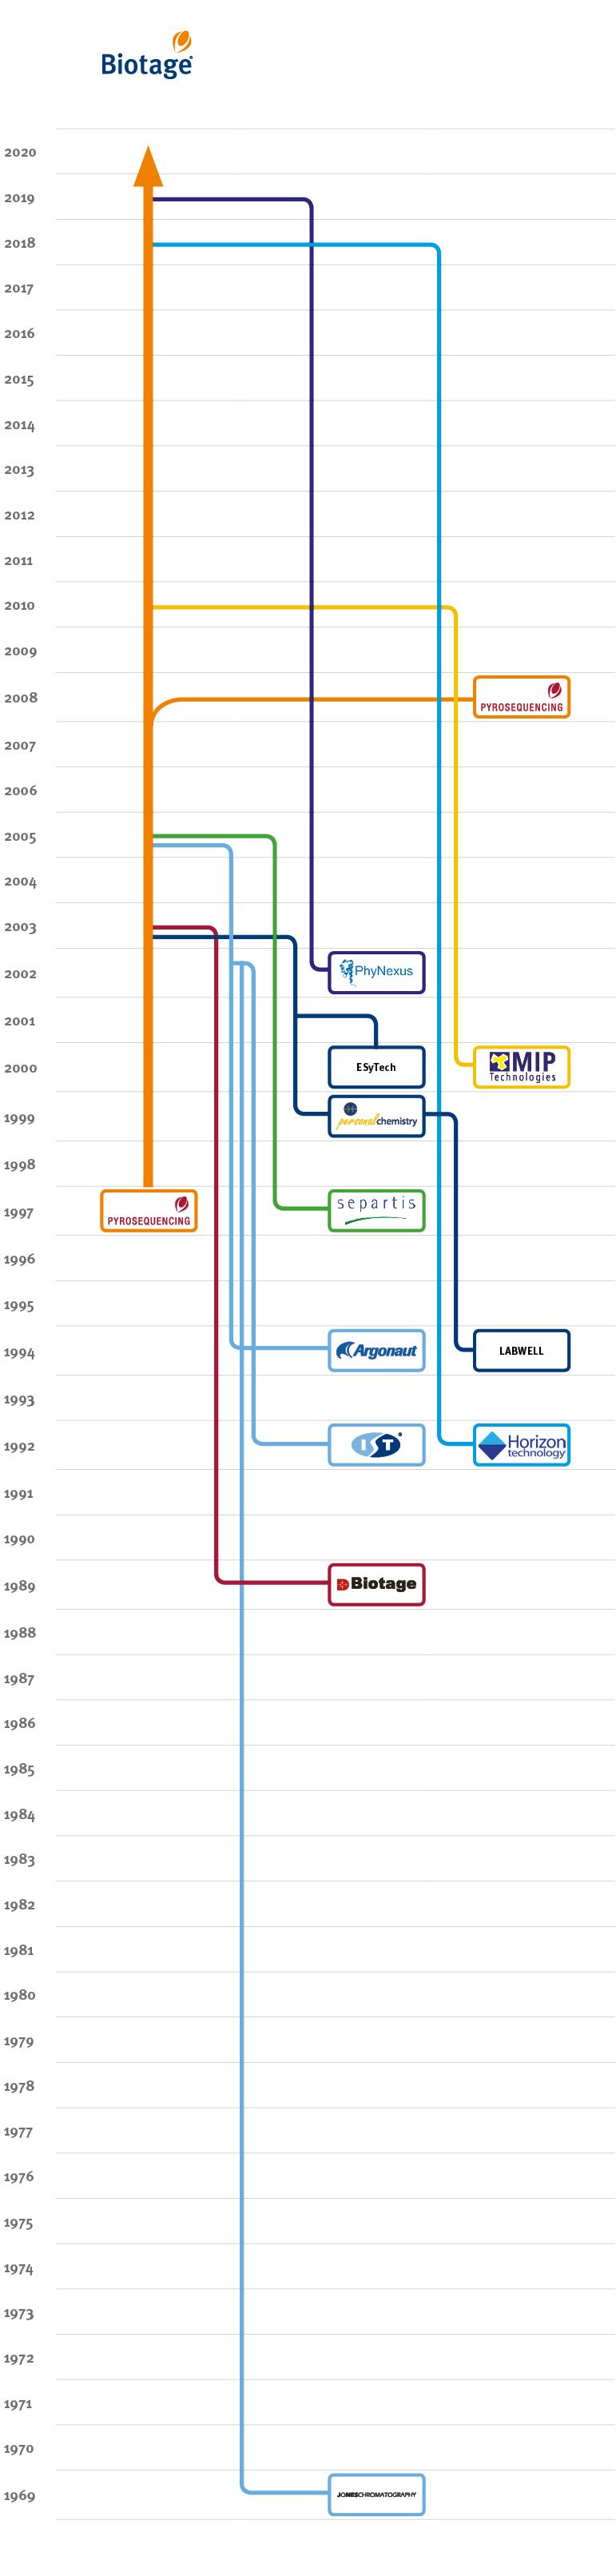 Biotage timeline 2019